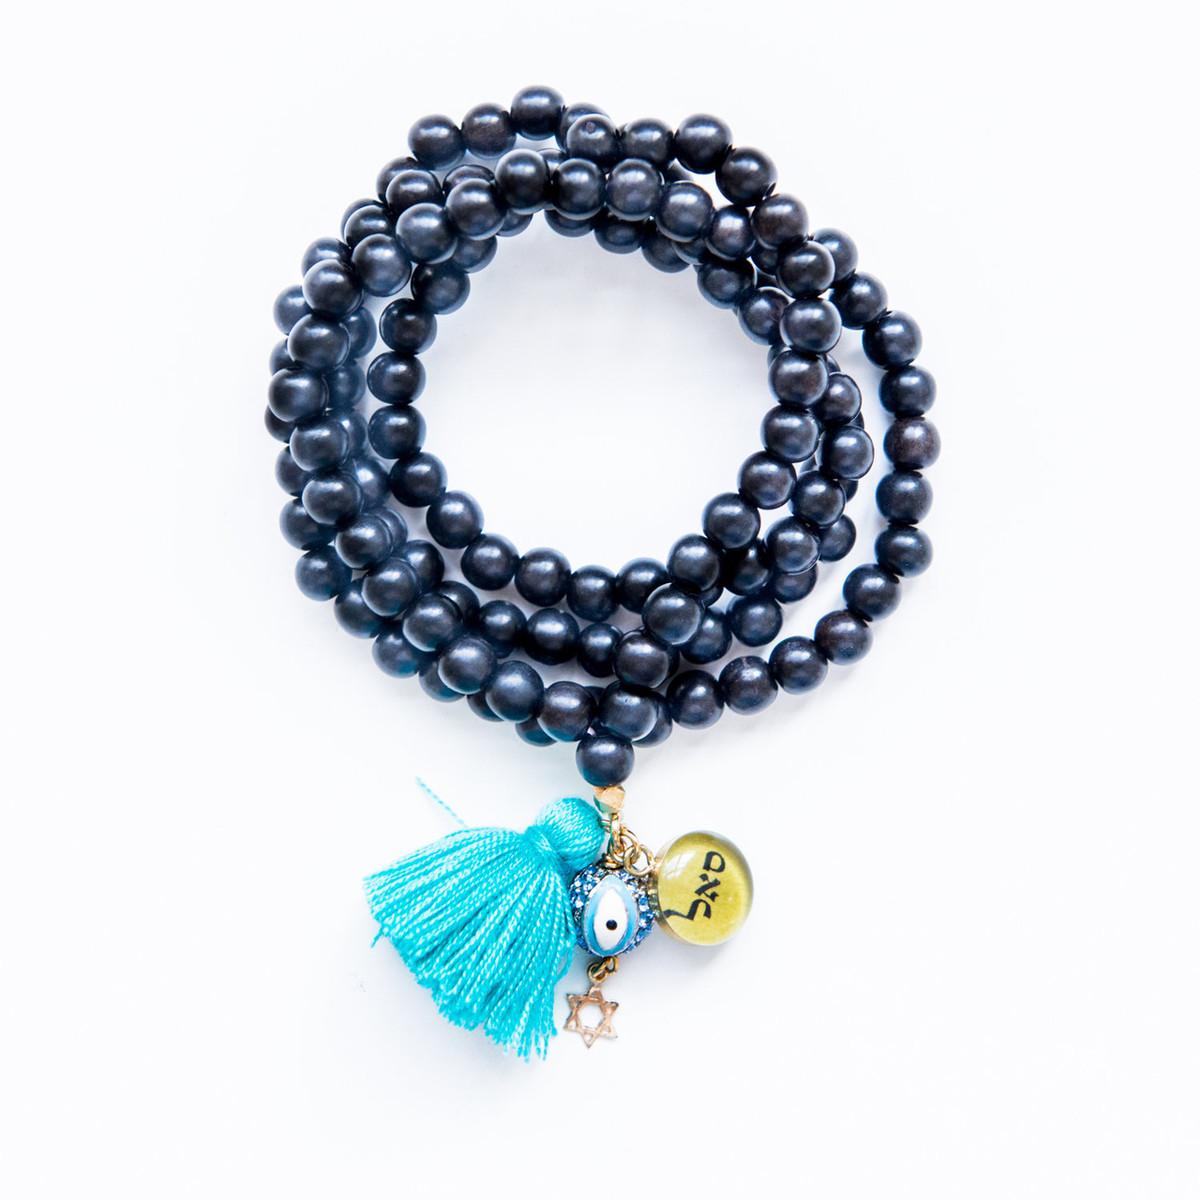 7Stitches Kabbalah Ebony Wood Blue Tassel Bracelet/Necklace